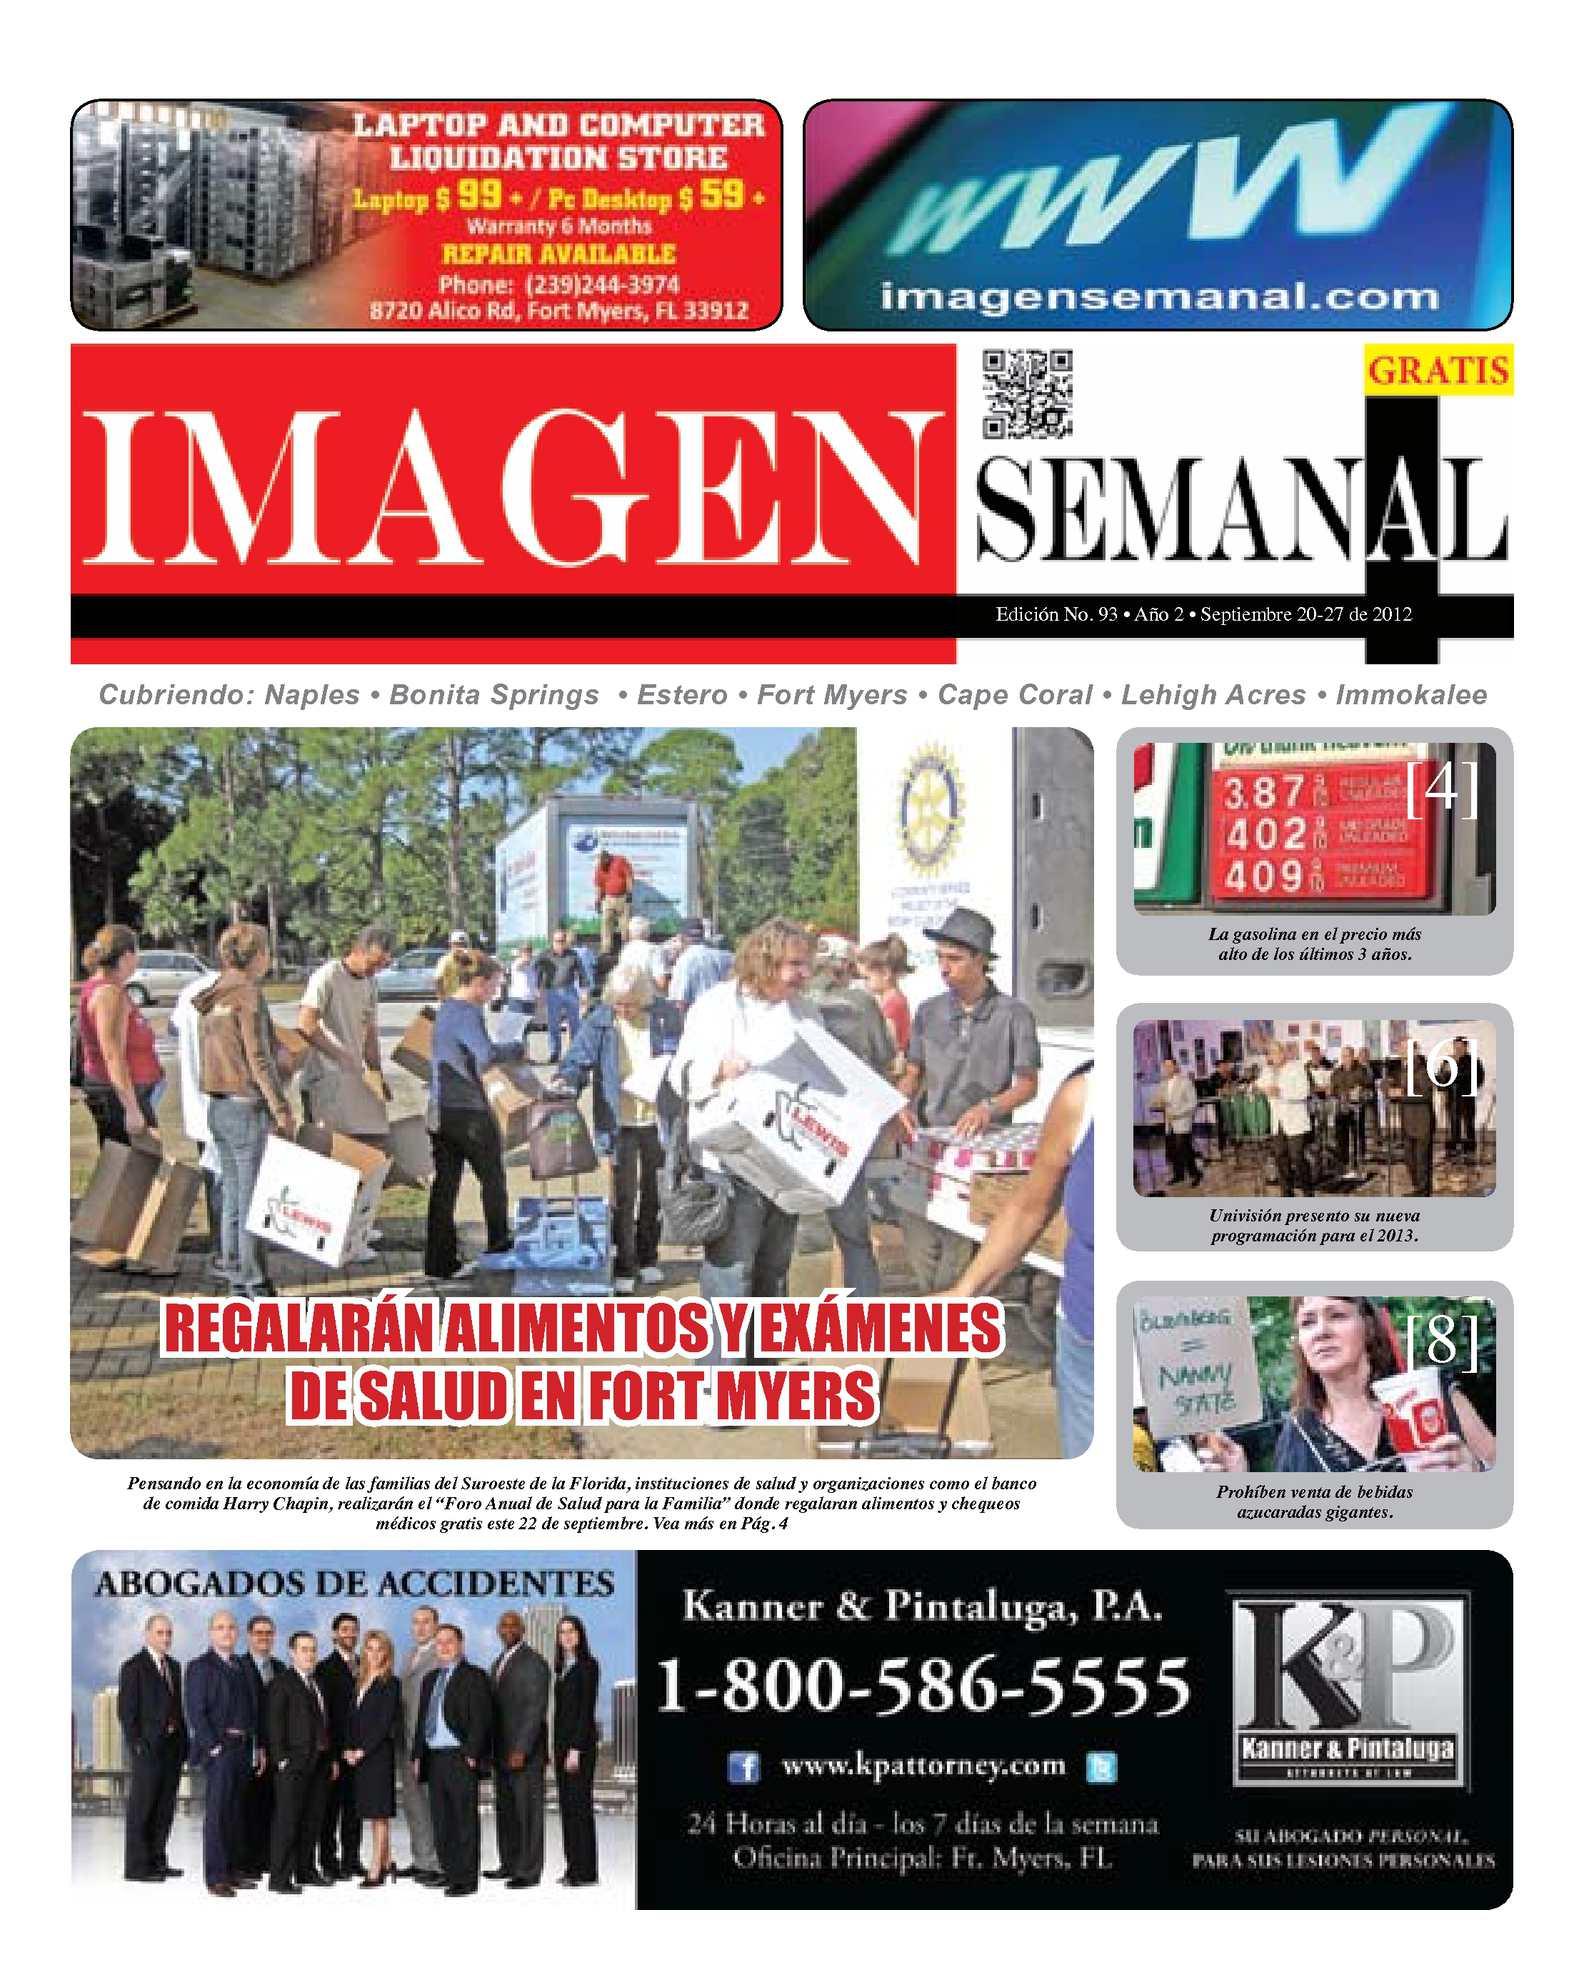 Calaméo - Imagen Semanal Edicion Impresa # 93